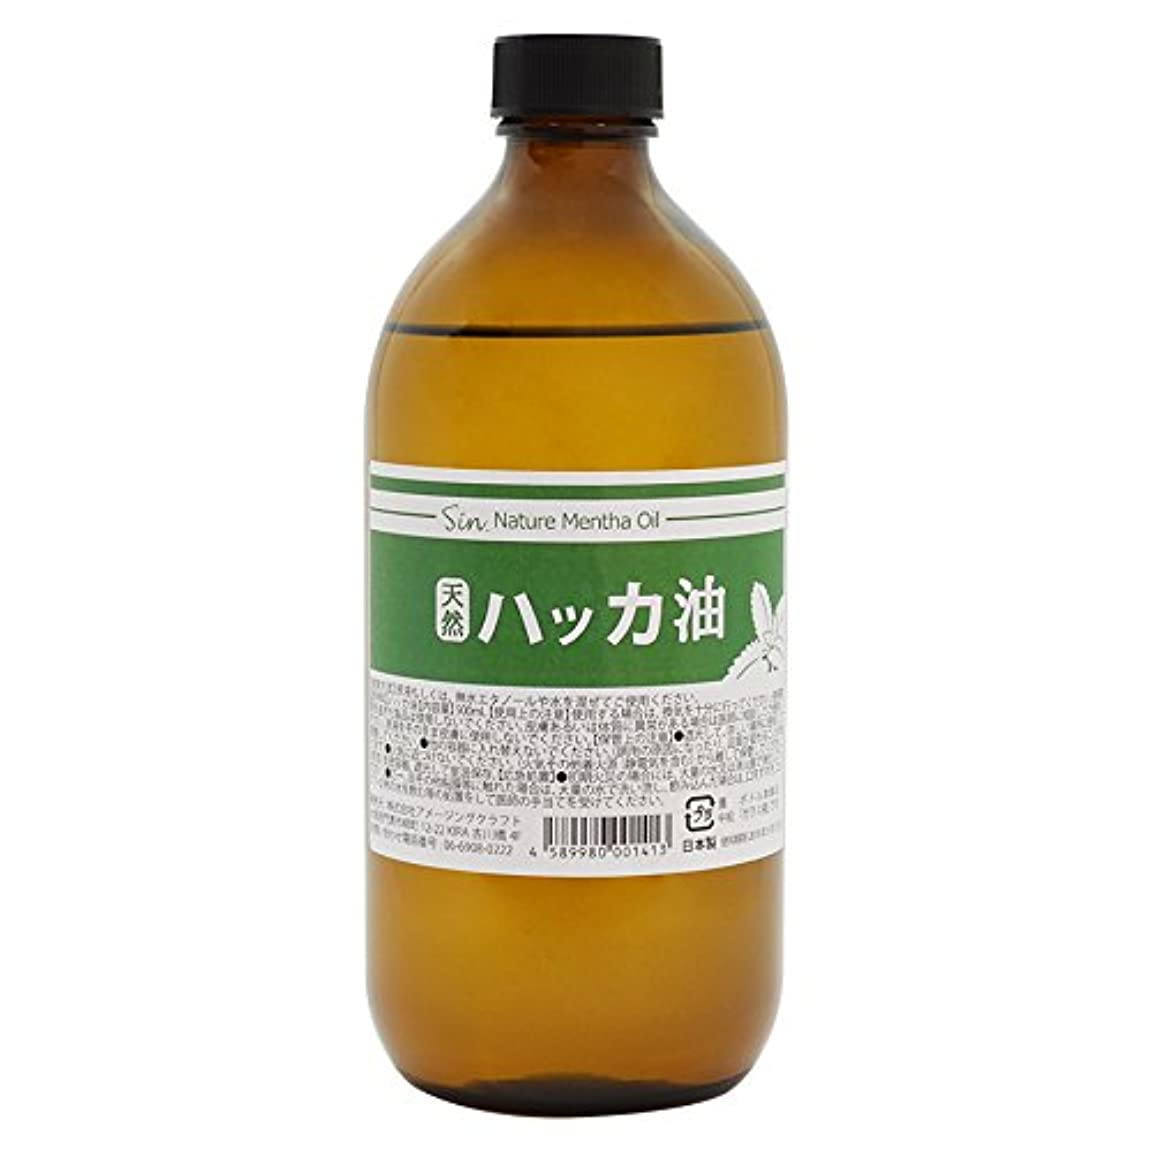 脅威蒸アルコーブ日本製 天然ハッカ油(ハッカオイル) お徳用500ml 中栓付き